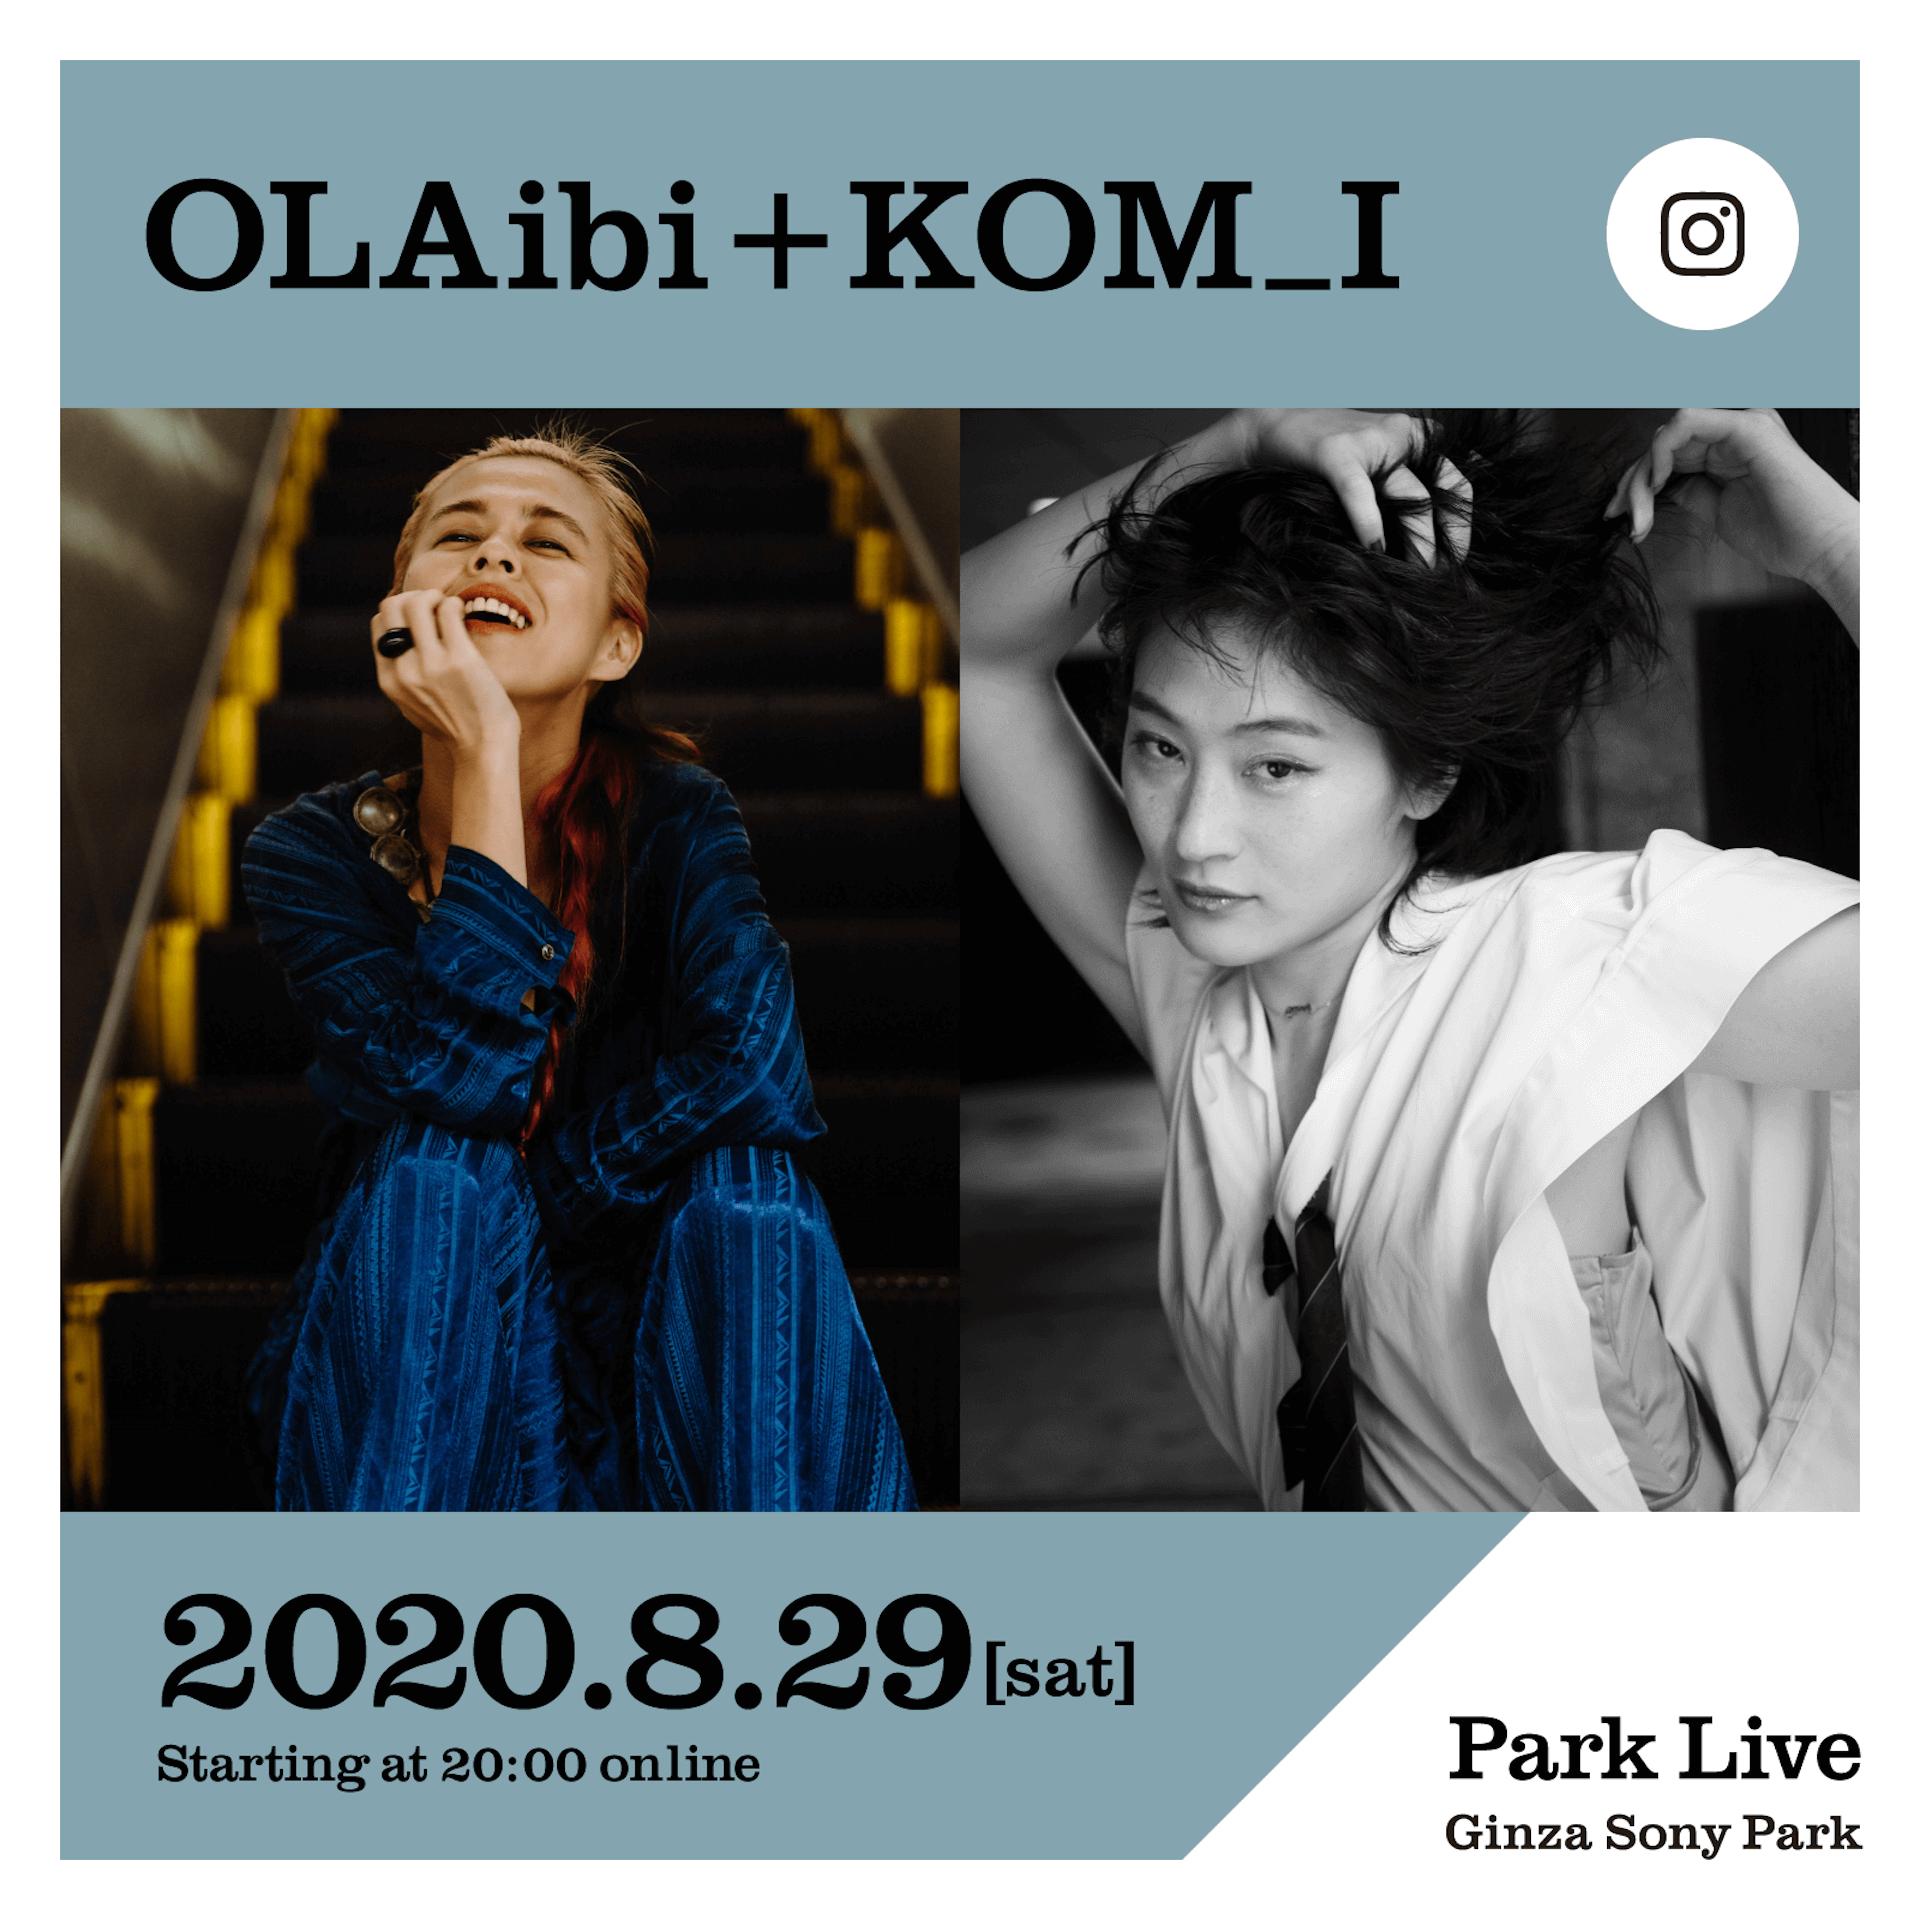 OLAibiとコムアイがGinza Sony Parkのライブ<Park Live>に出演決定!一夜限りのコラボレーションライブに music2020827-parklive